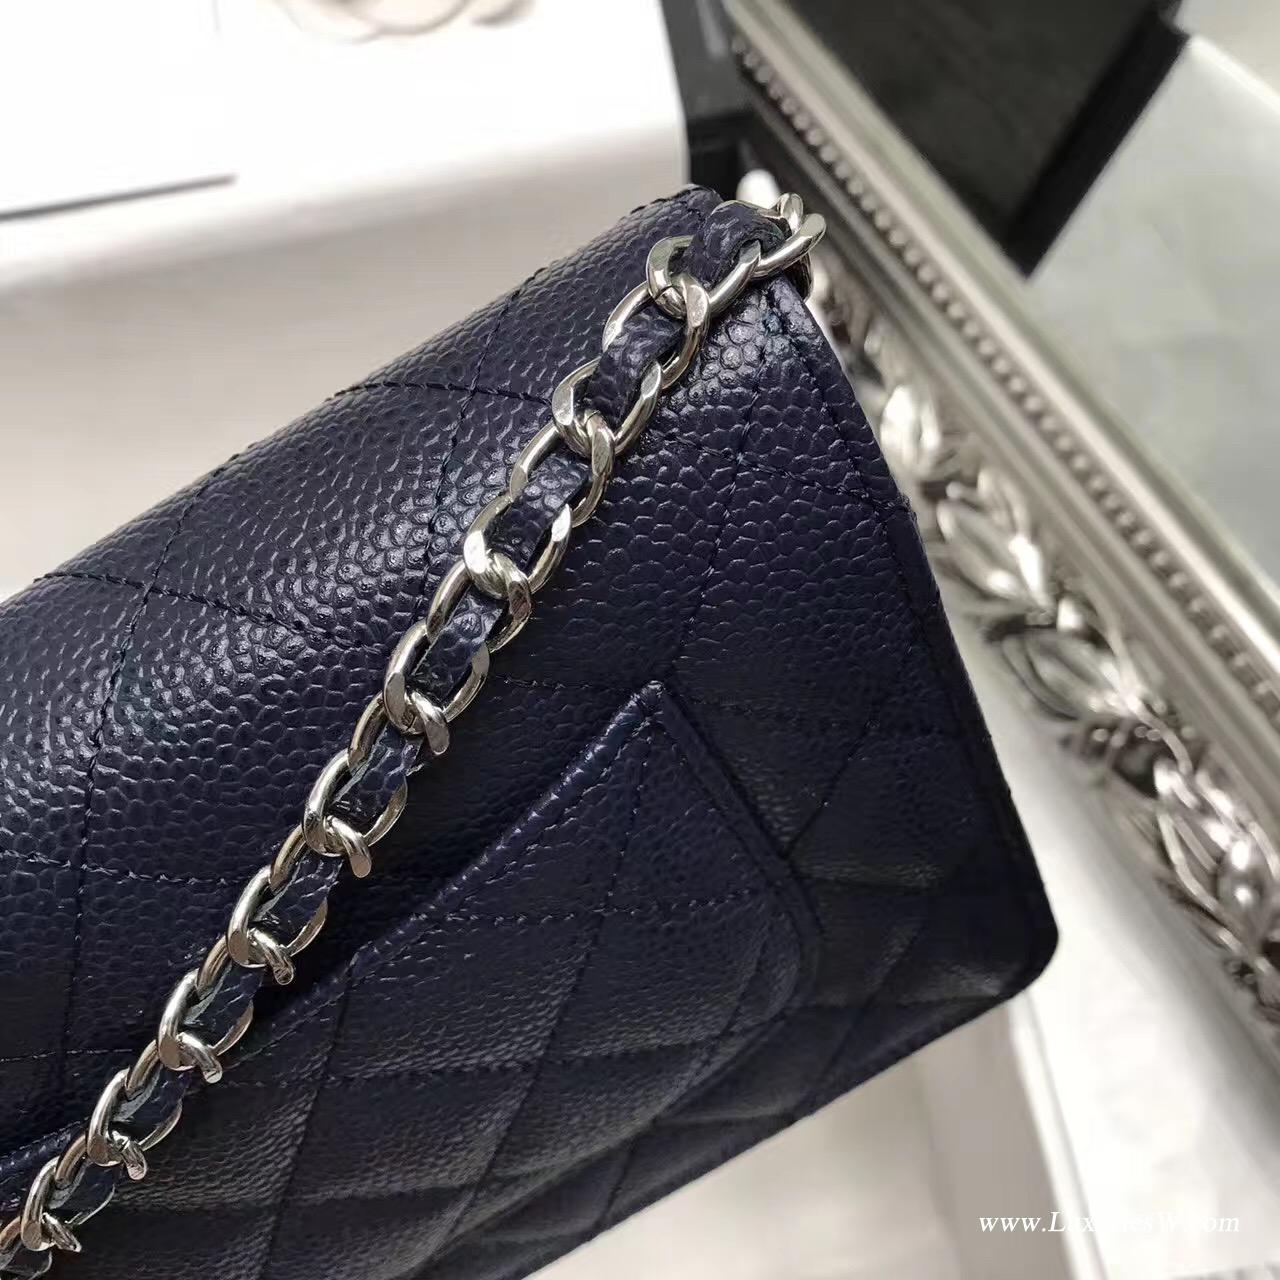 Wallet On Chain鱼子酱经典款宝蓝色 银色五金